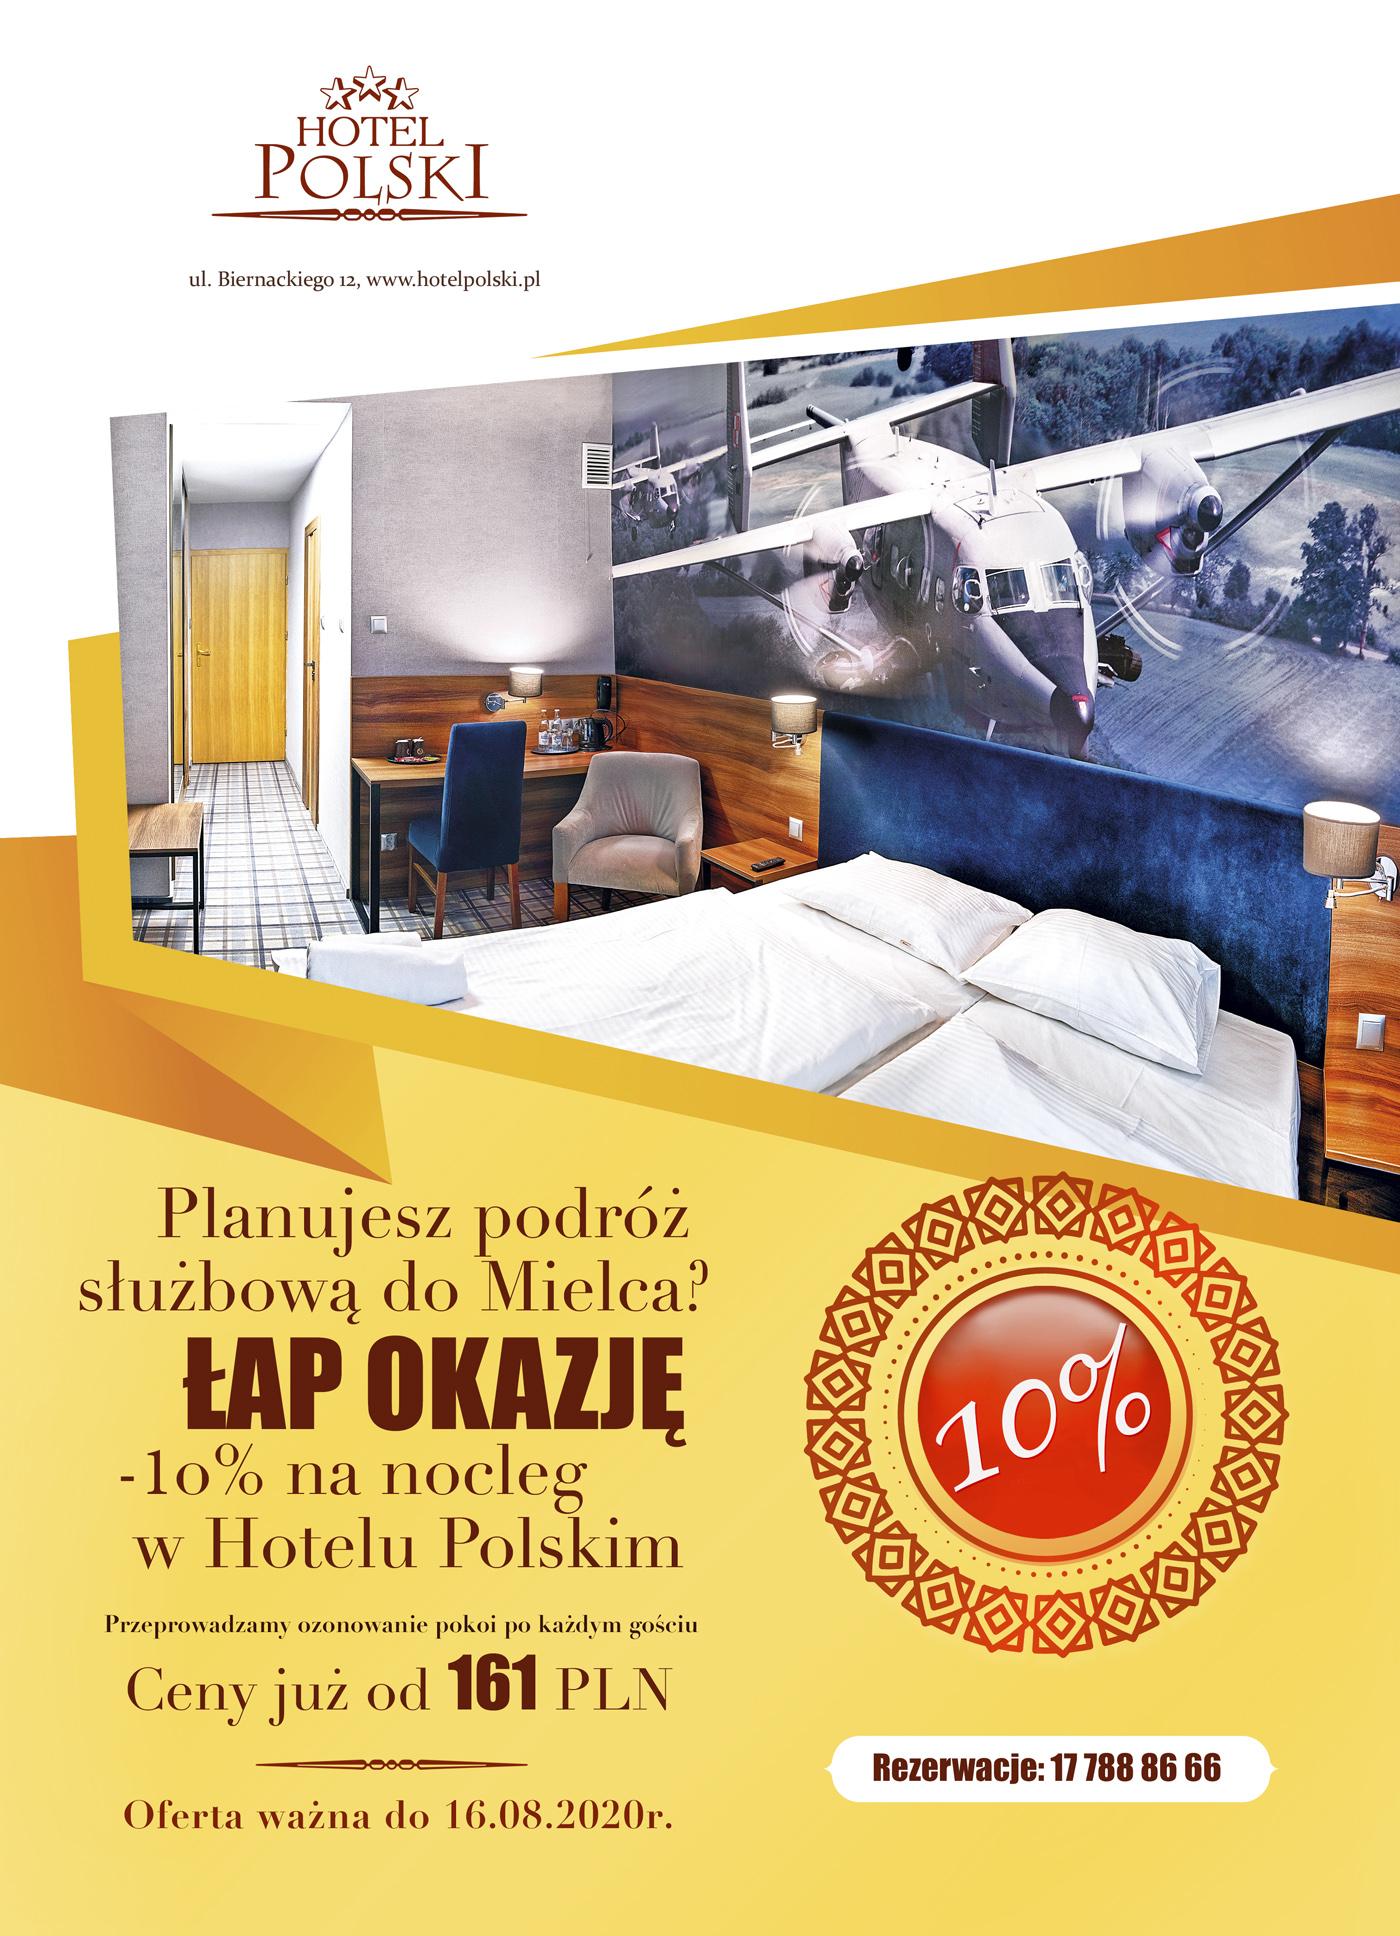 Okazja! 20% na nocleg w Hotelu Polskim - Zdjęcie główne